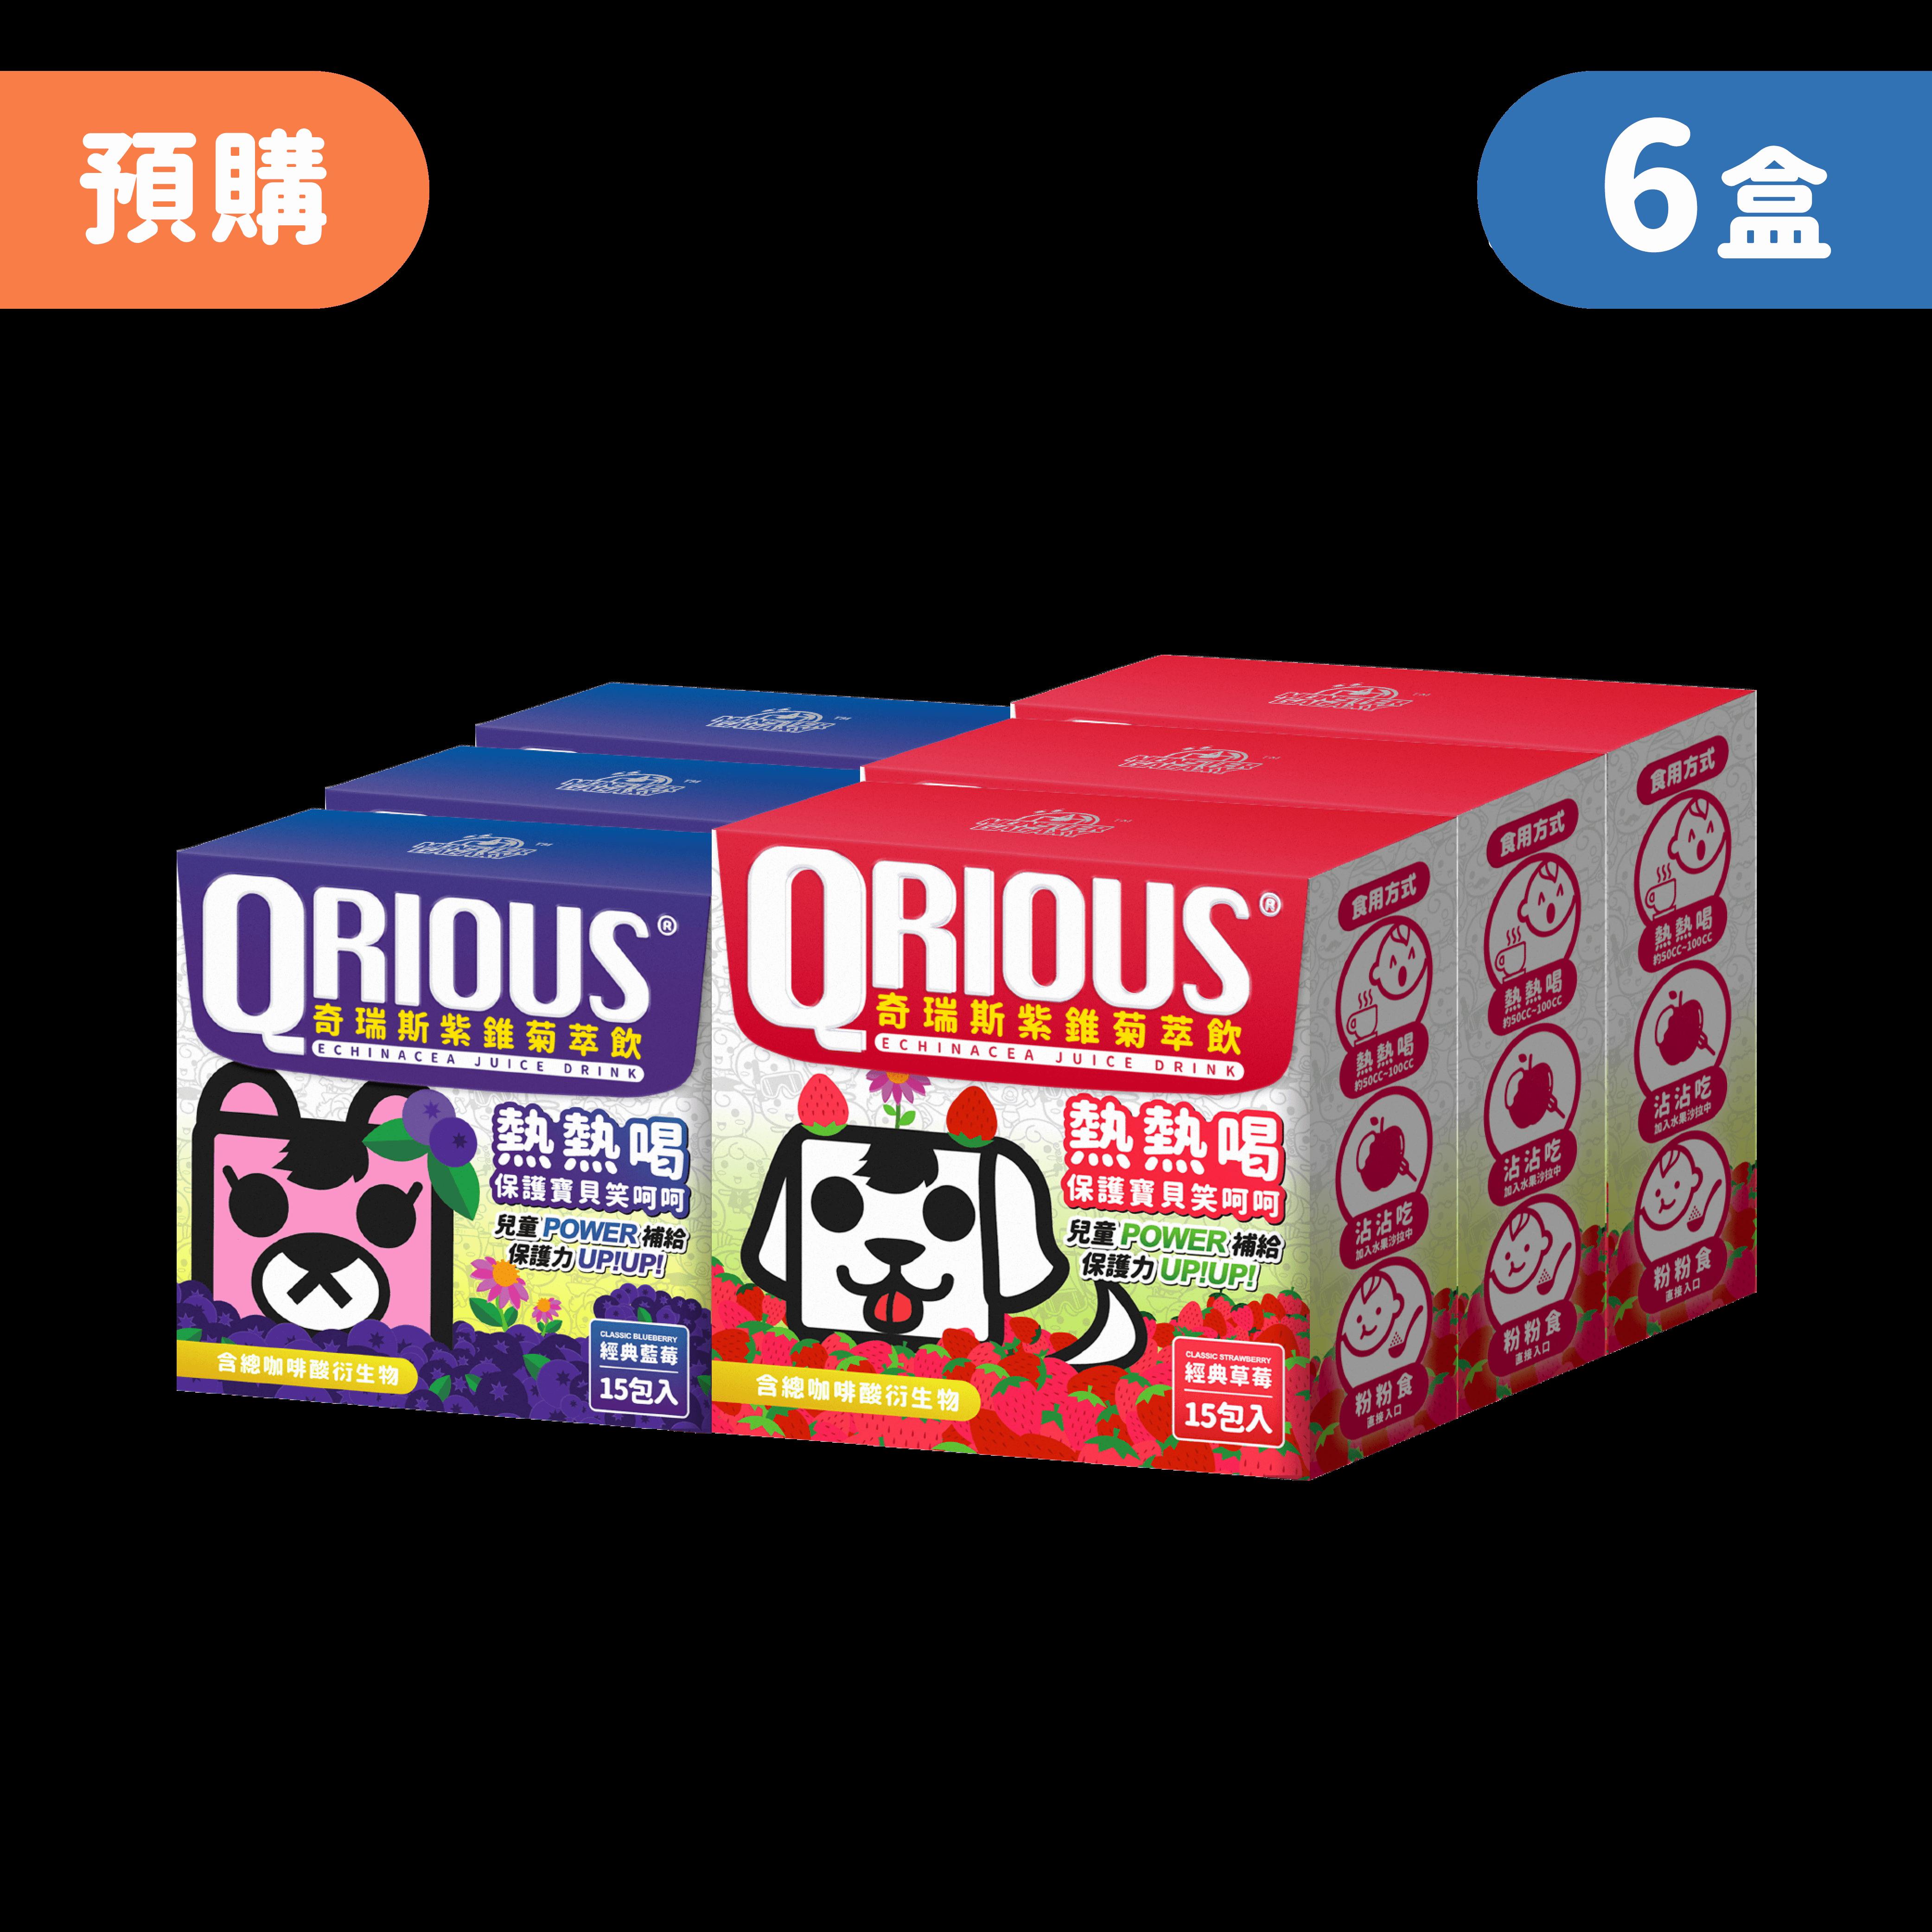 【預購】QRIOUS®奇瑞斯紫錐菊萃飲 (藍莓、草莓各3盒,共90入)